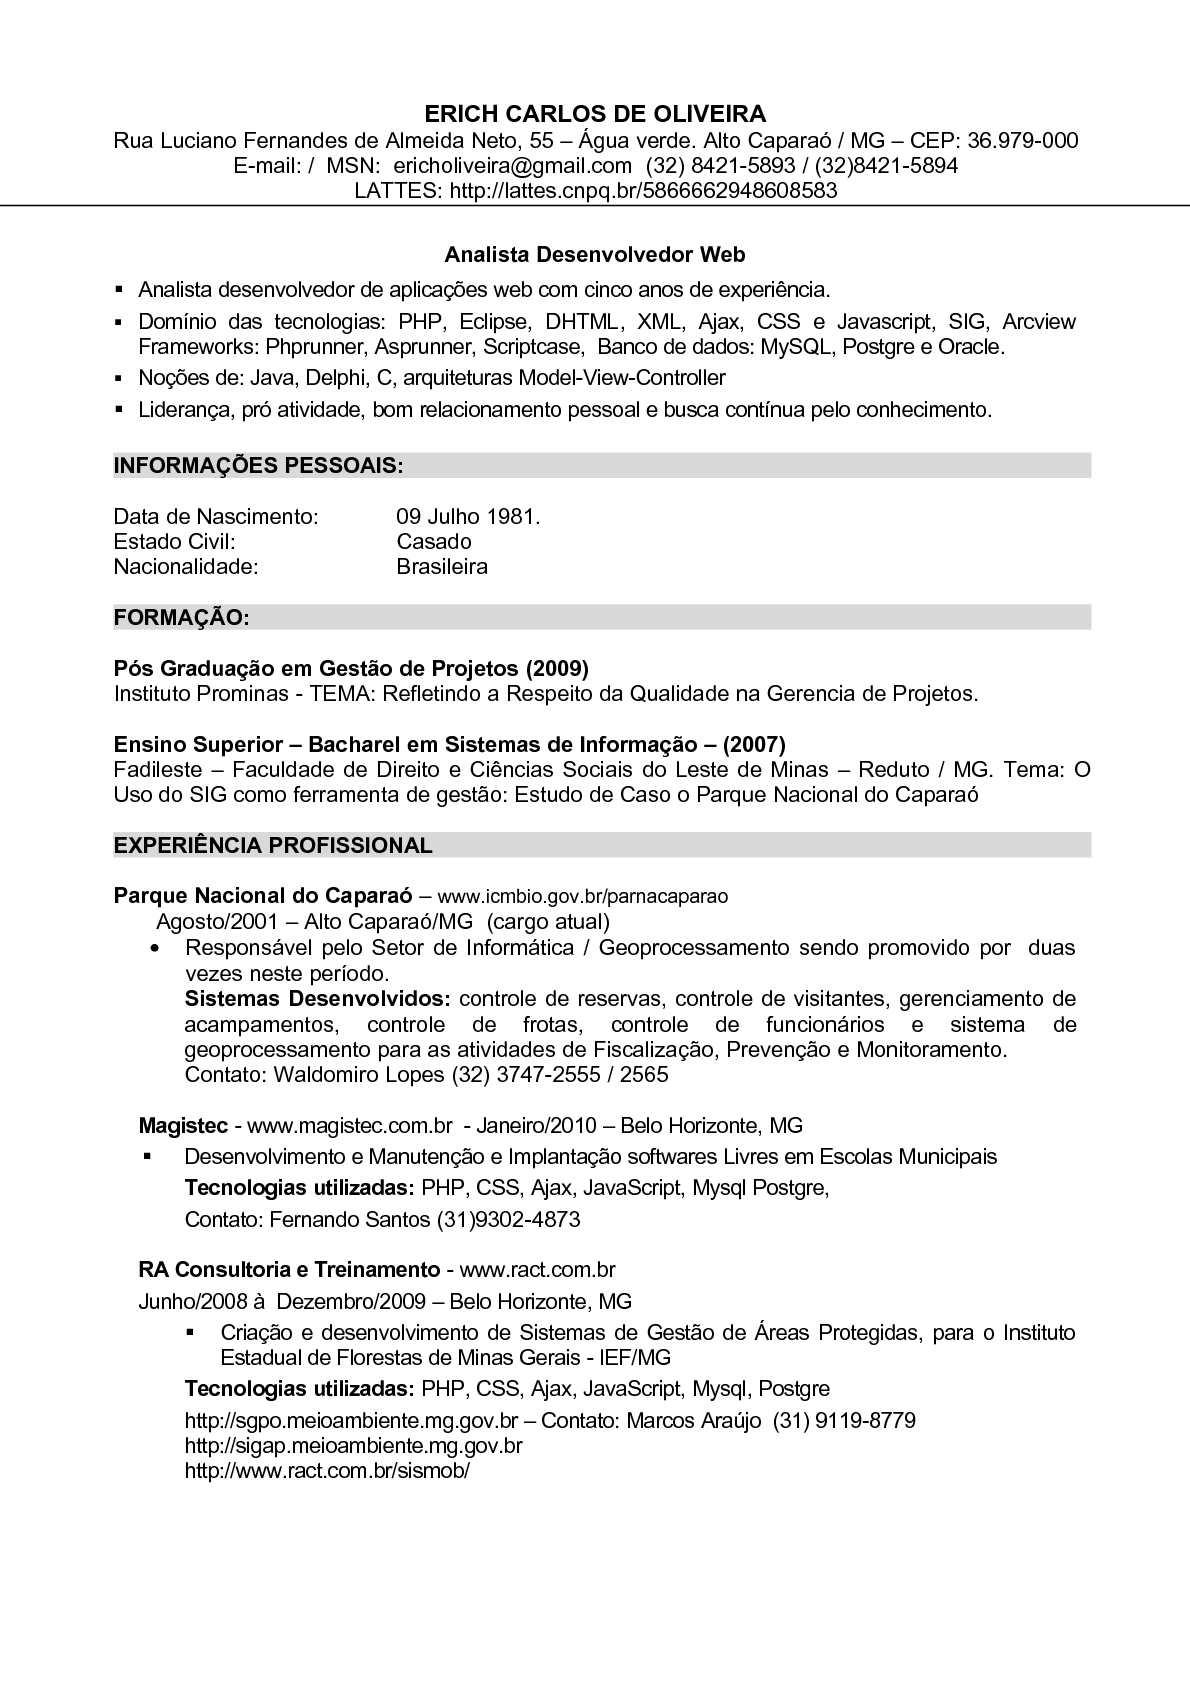 Calaméo - Curriculo Erich Oliveira - Analista de Sistemas